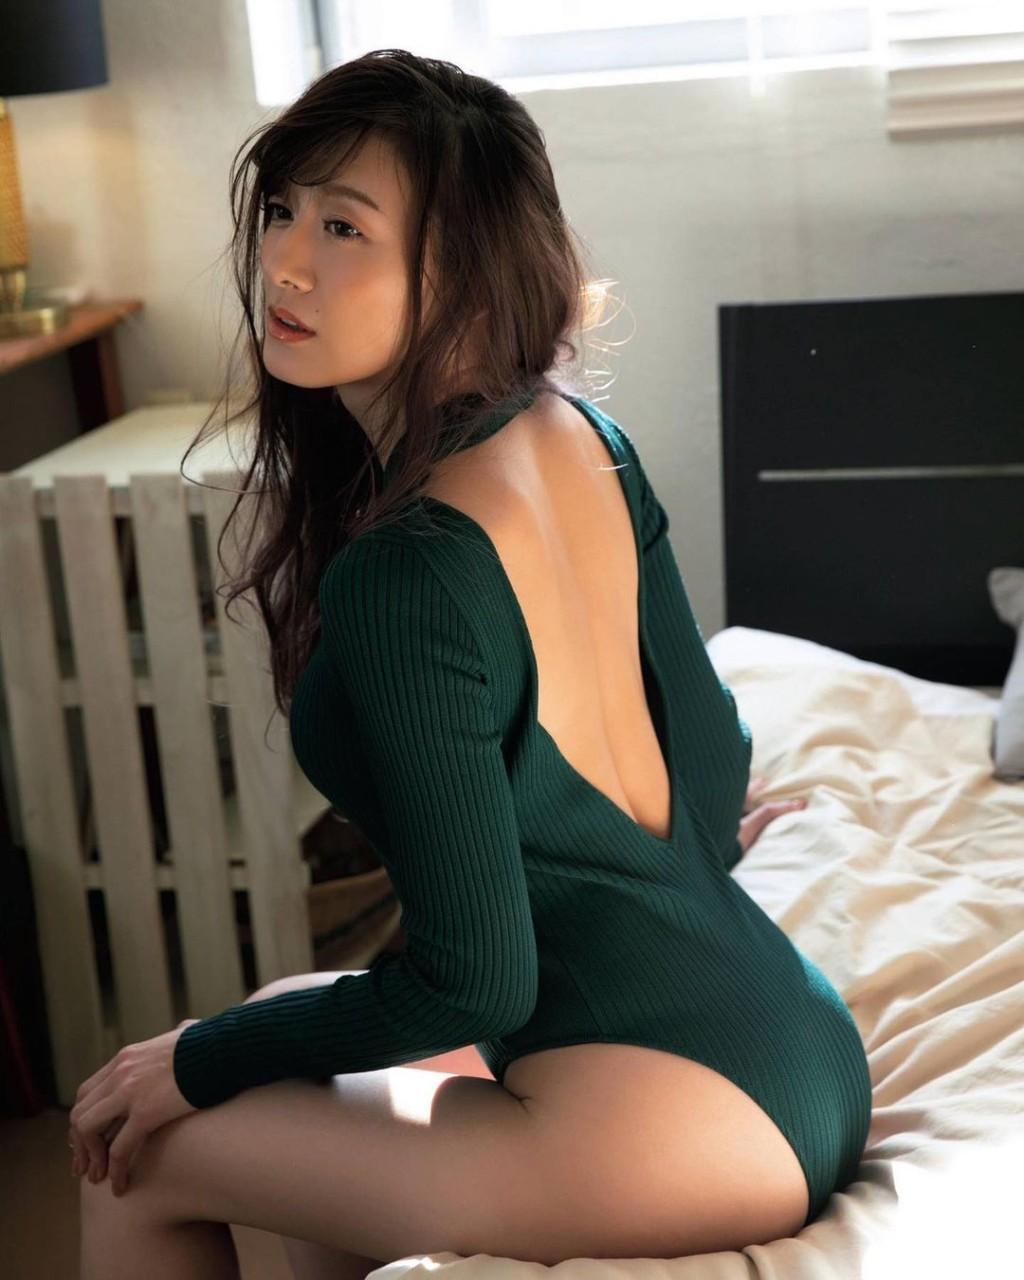 妹子图日刊 – 20210329插图33